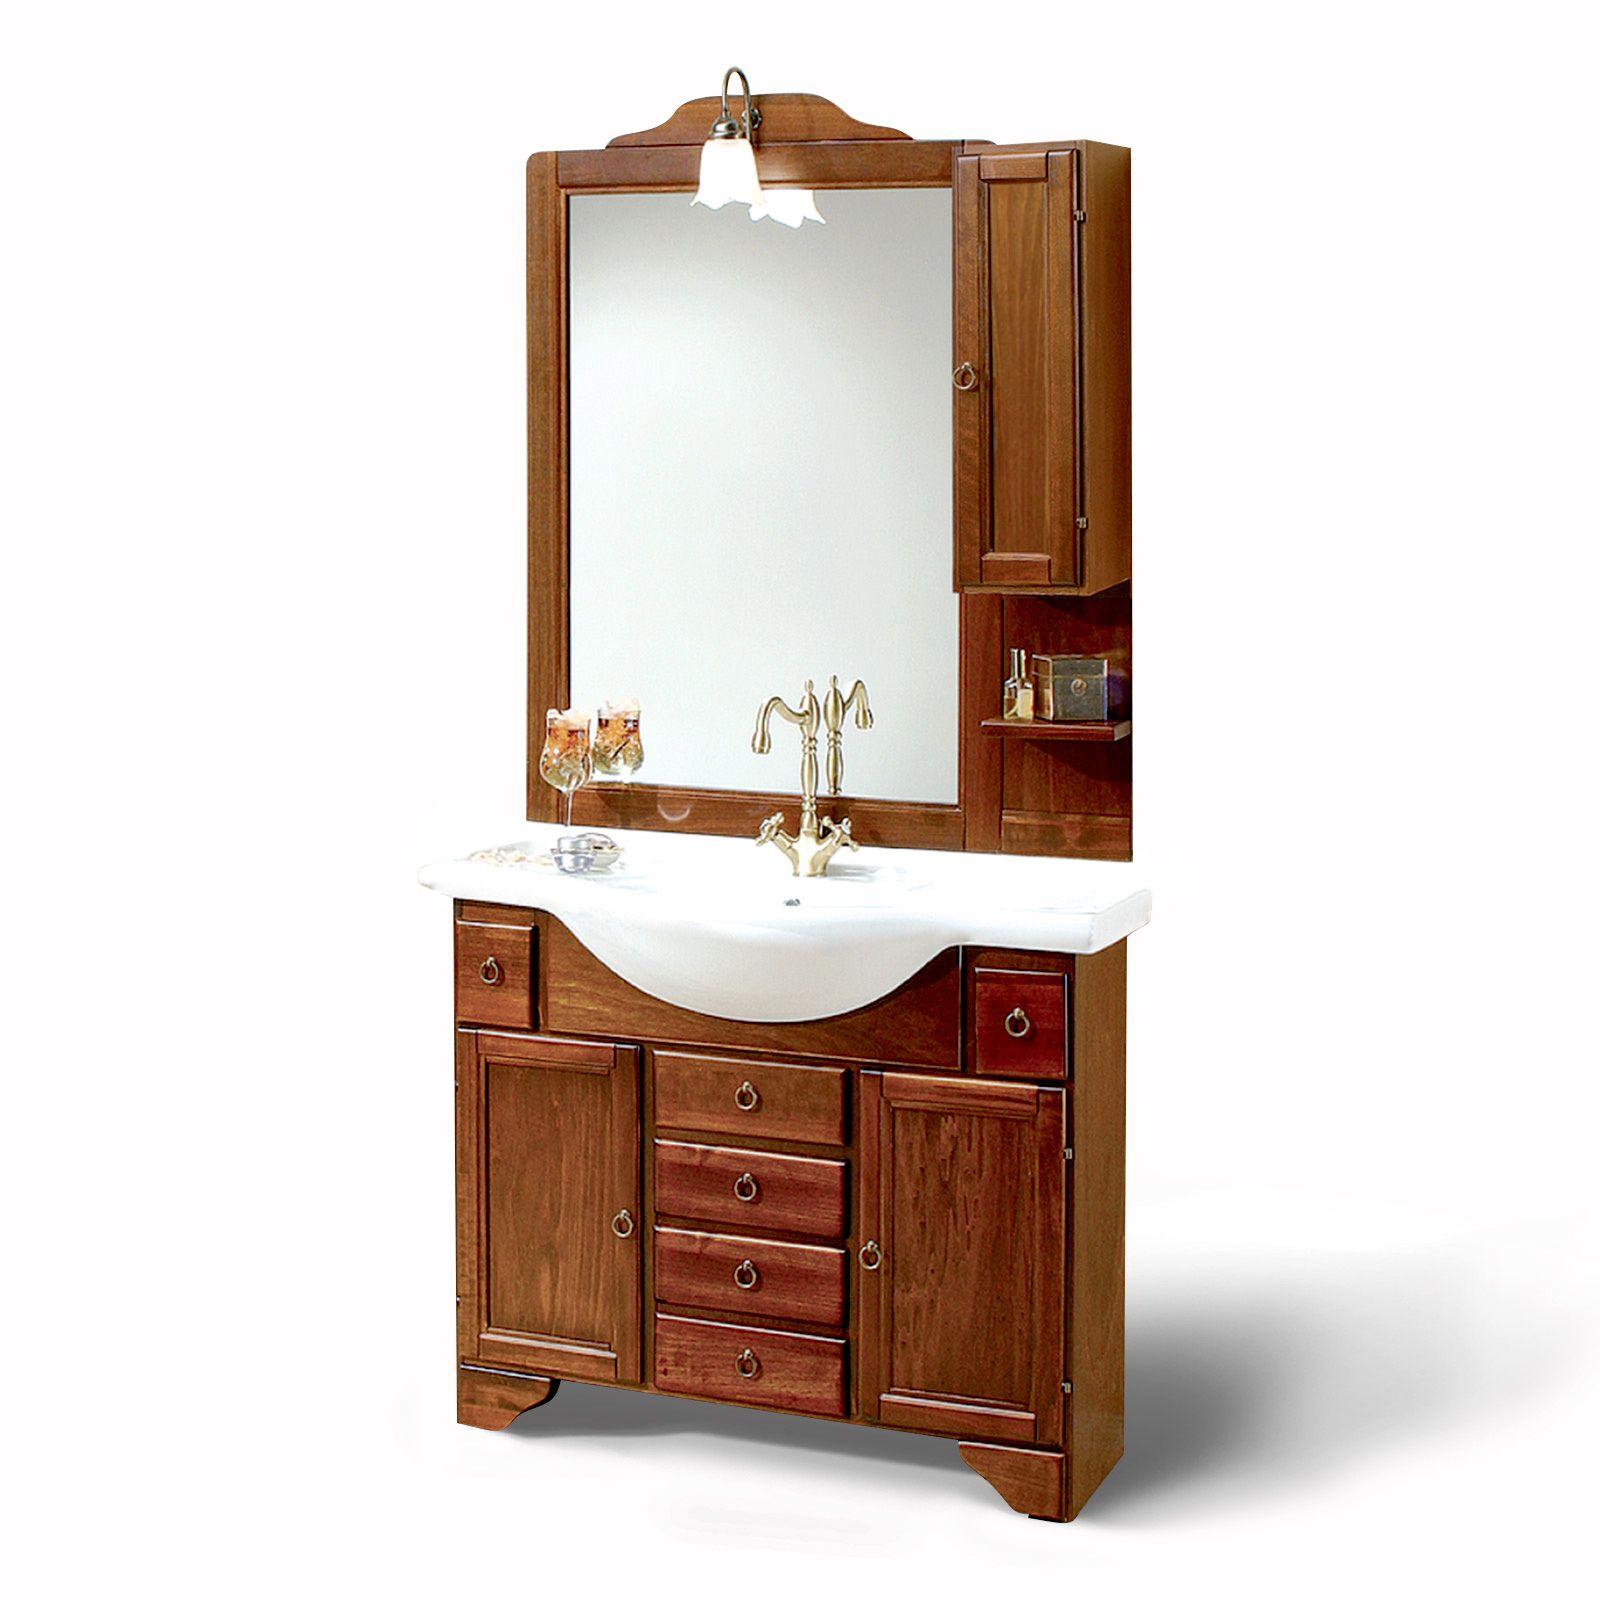 Mobile bagno portofino 105 arte povera de for Rubinetti ikea bagno